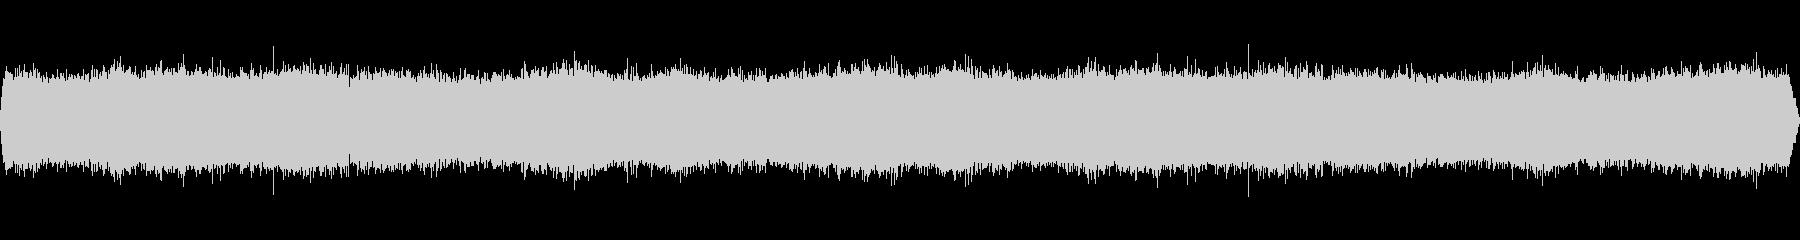 クマゼミの鳴き声-2の未再生の波形